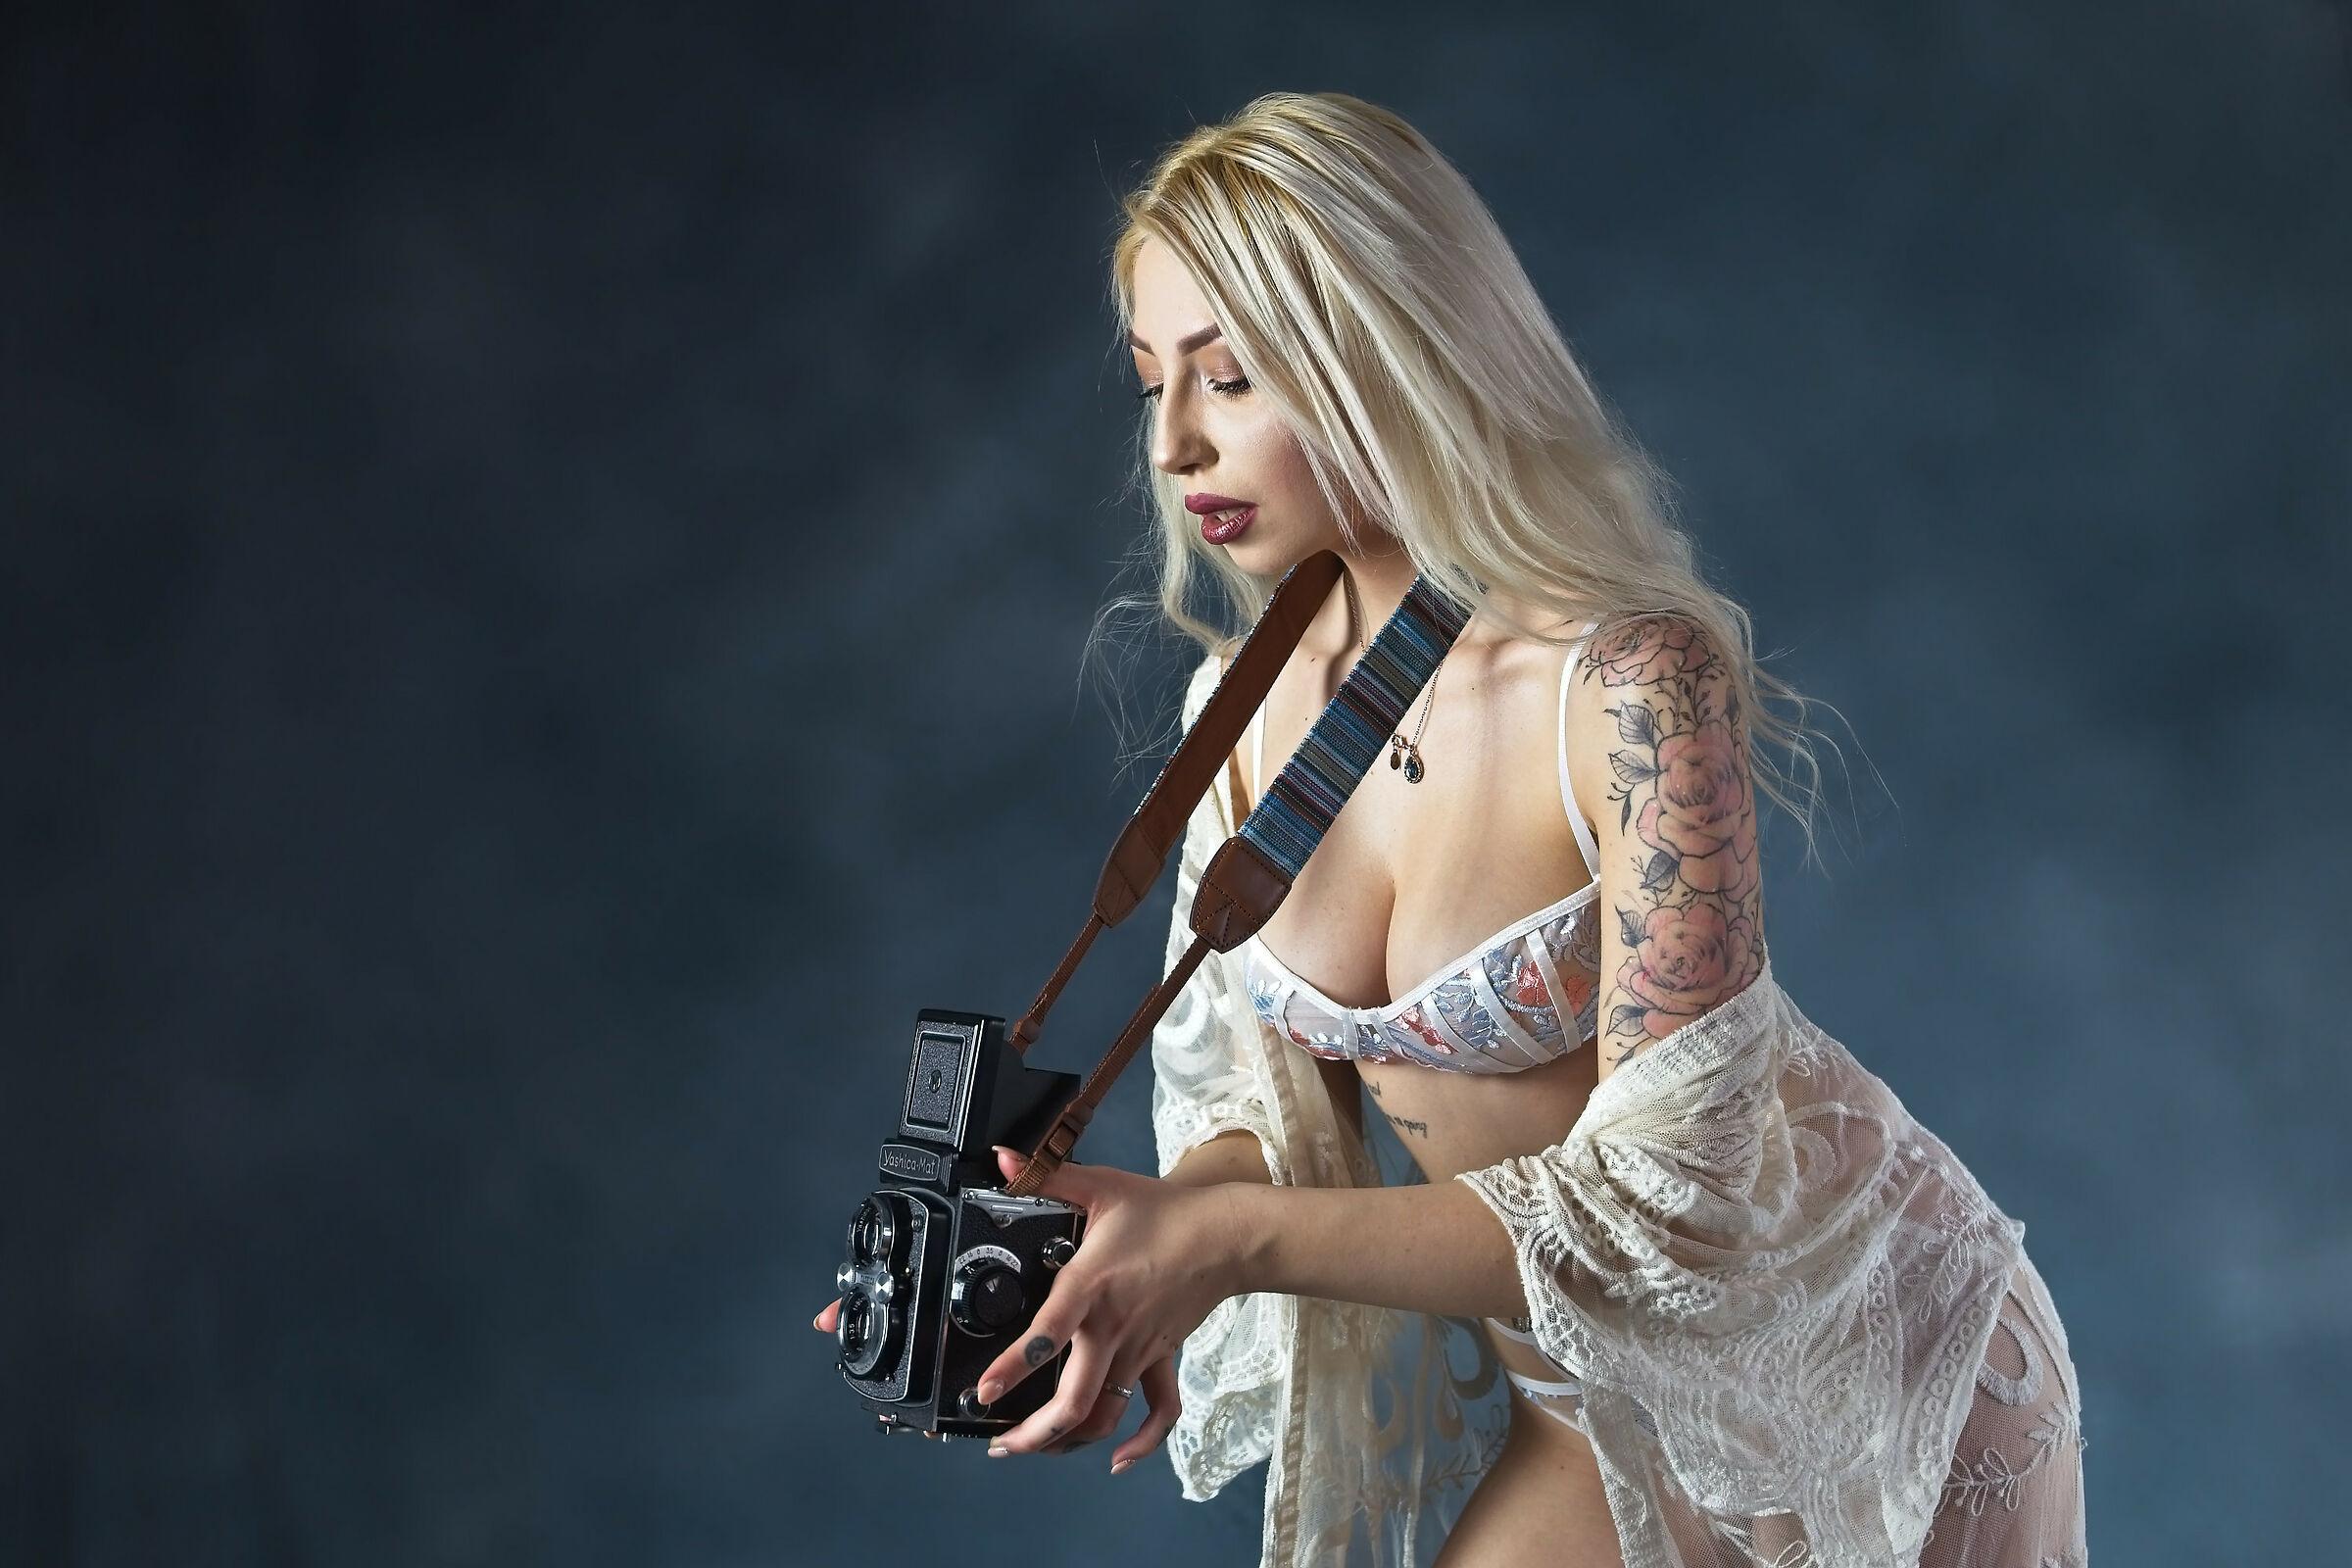 La bella fotografa...